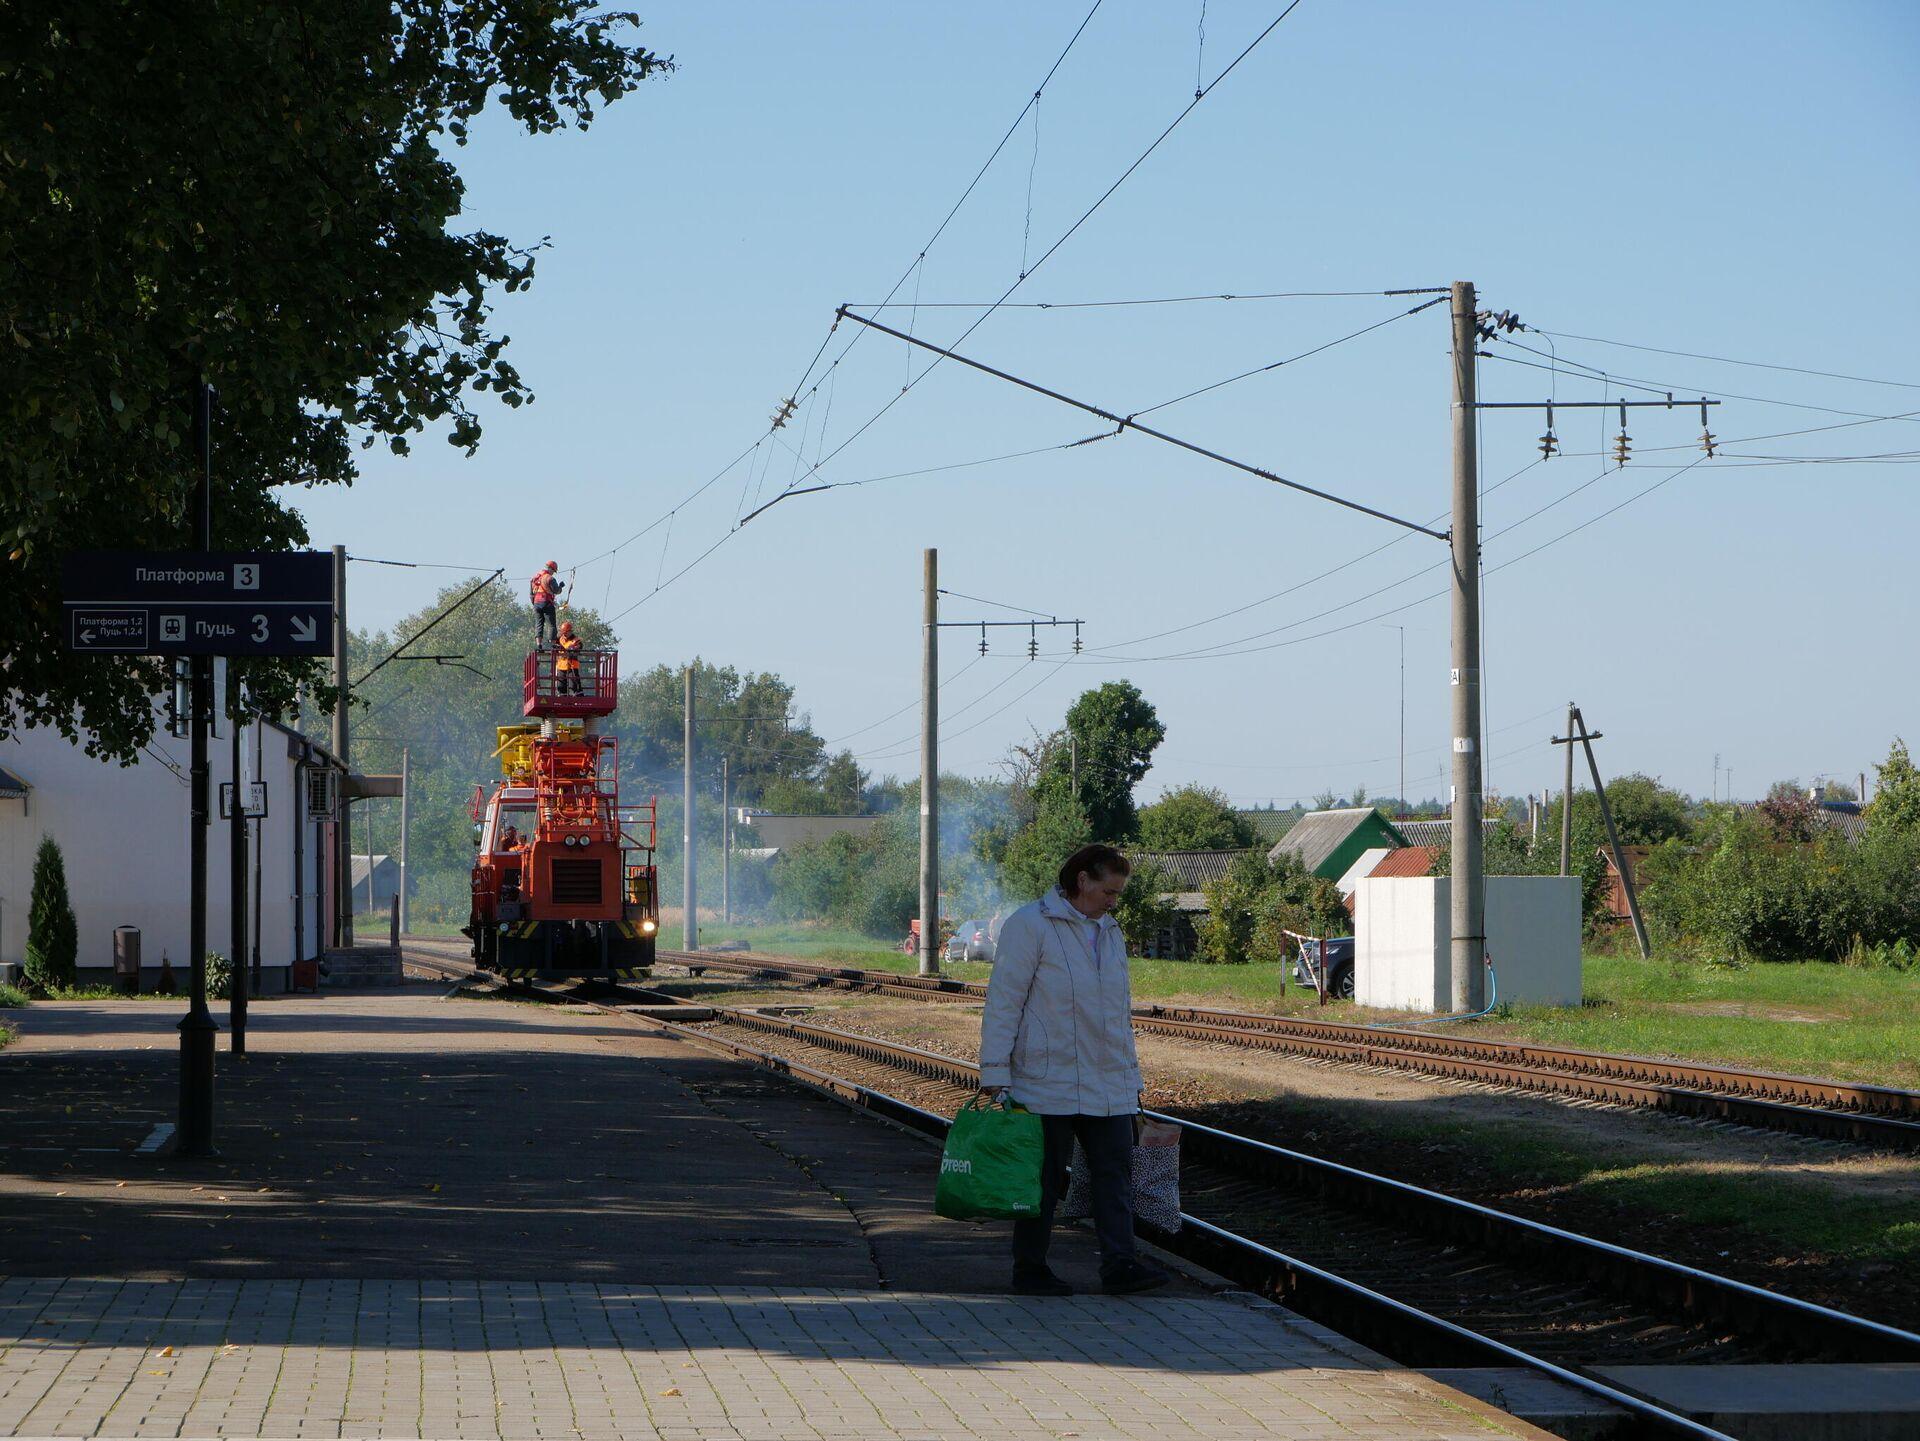 Сейчас Негорелое - тихая станция, каких сотни в Беларуси - Sputnik Беларусь, 1920, 16.09.2021